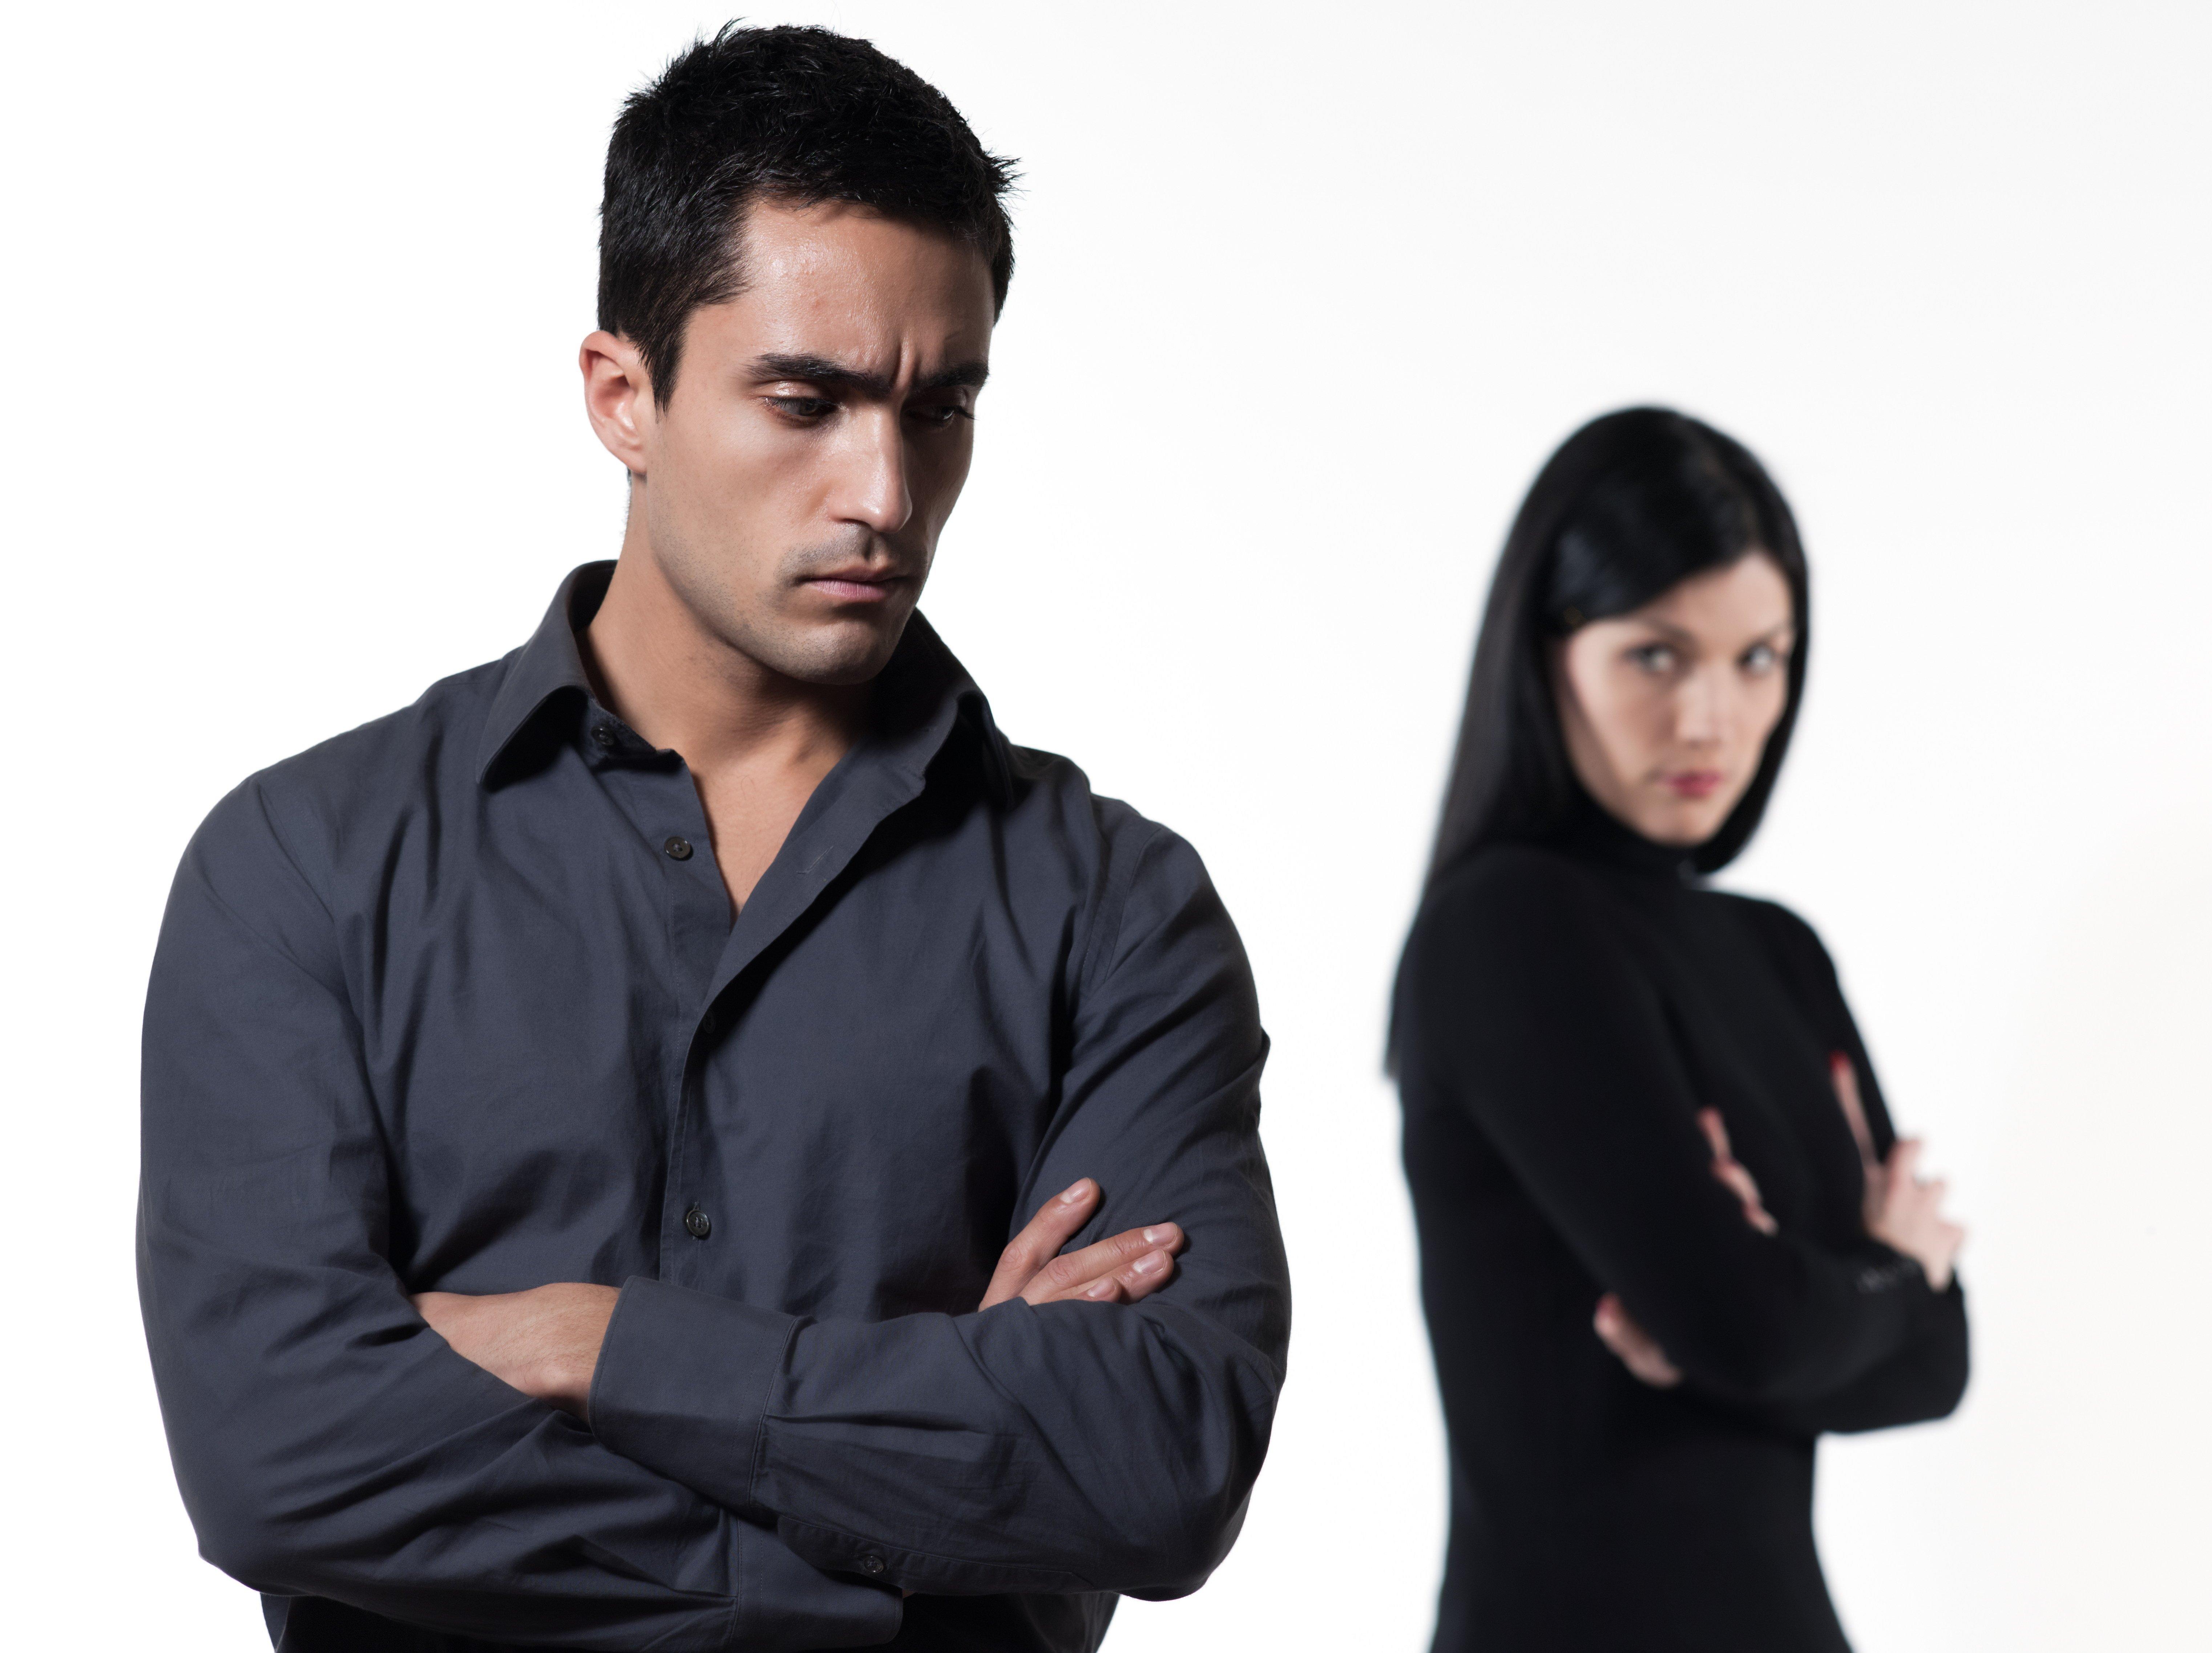 divorce lawyer in st charles missouri